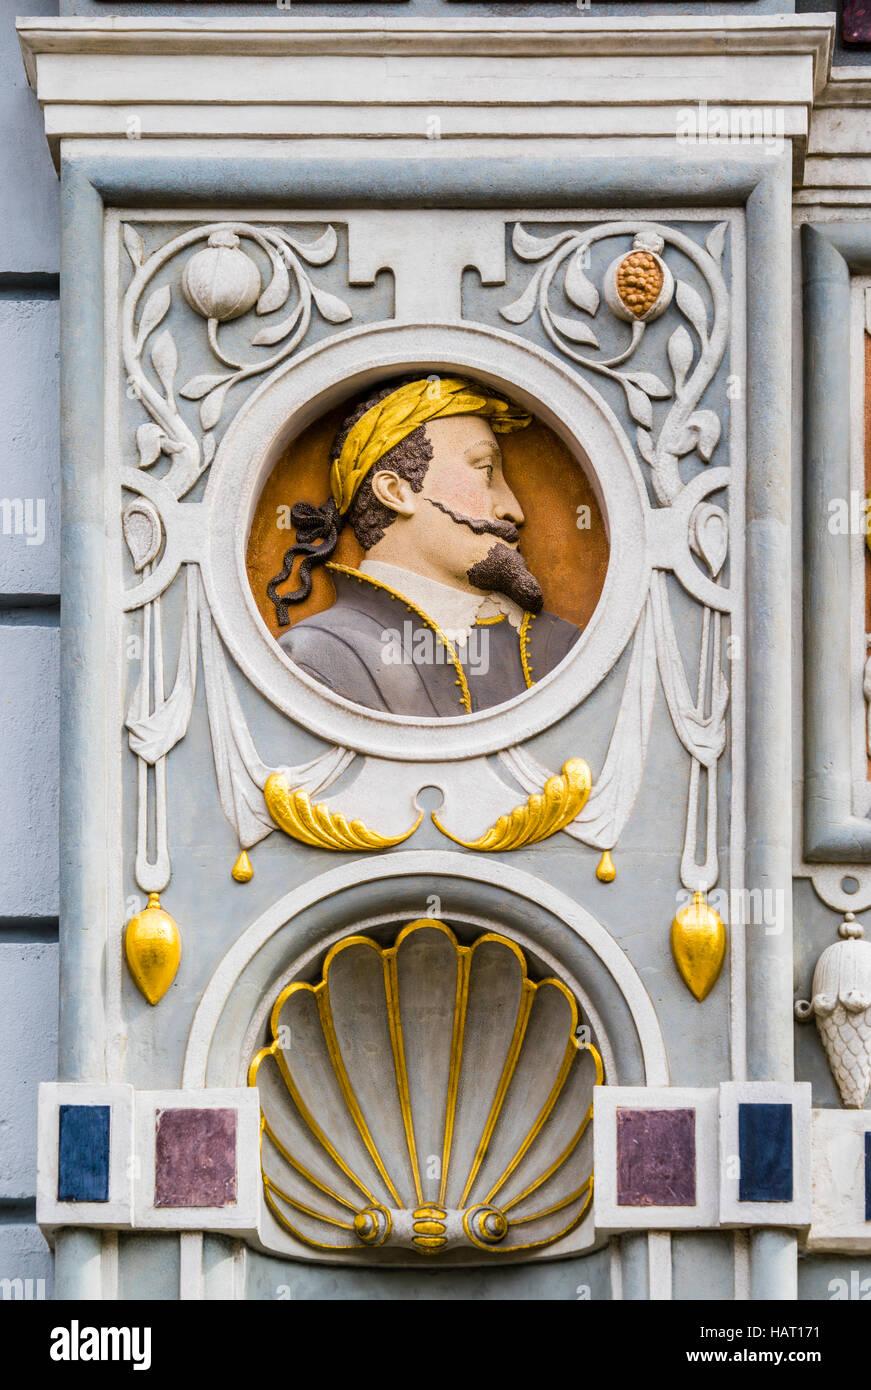 Polen, Pommern, Gdansk (Danzig), Medaillon-Büste von König von Polen Sigismund II Vasa auf dem Portal Stockbild